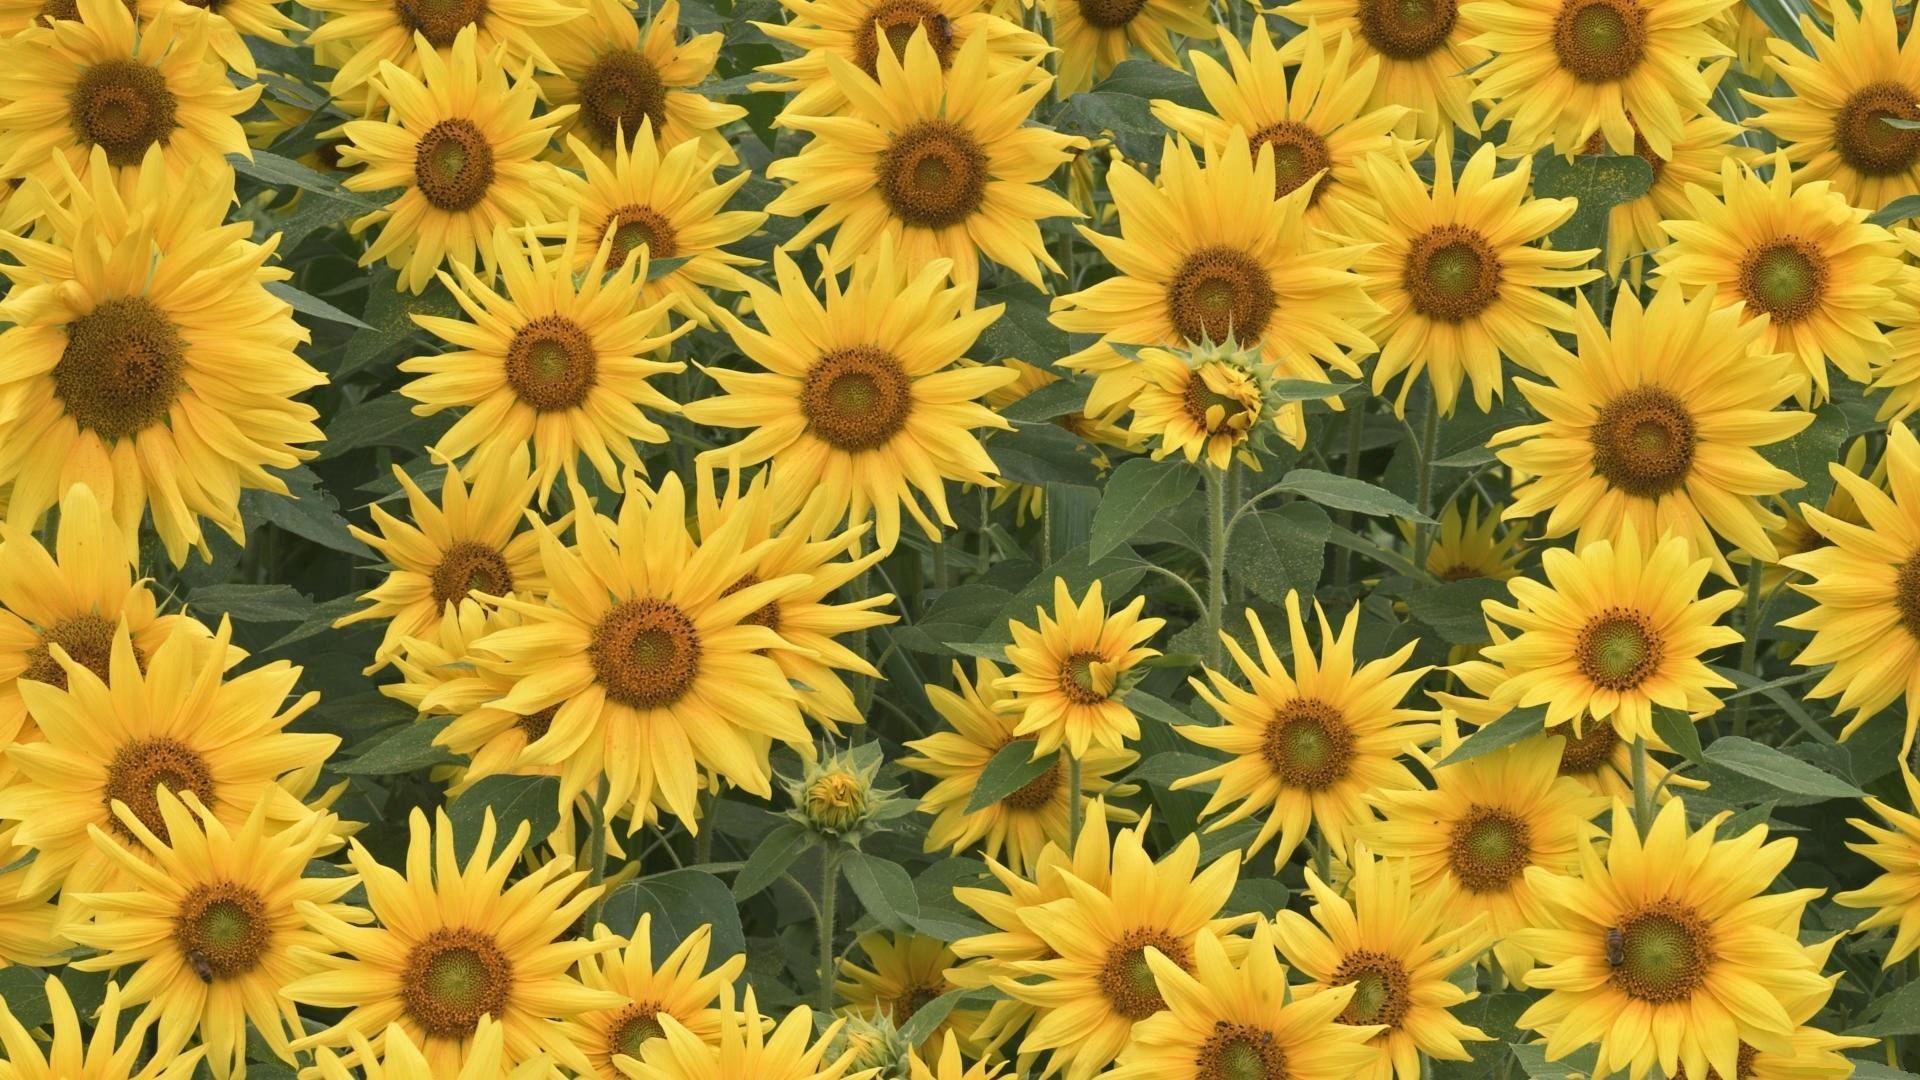 92421 скачать обои Цветы, Поле, Лето, Зелень, Подсолнухи - заставки и картинки бесплатно